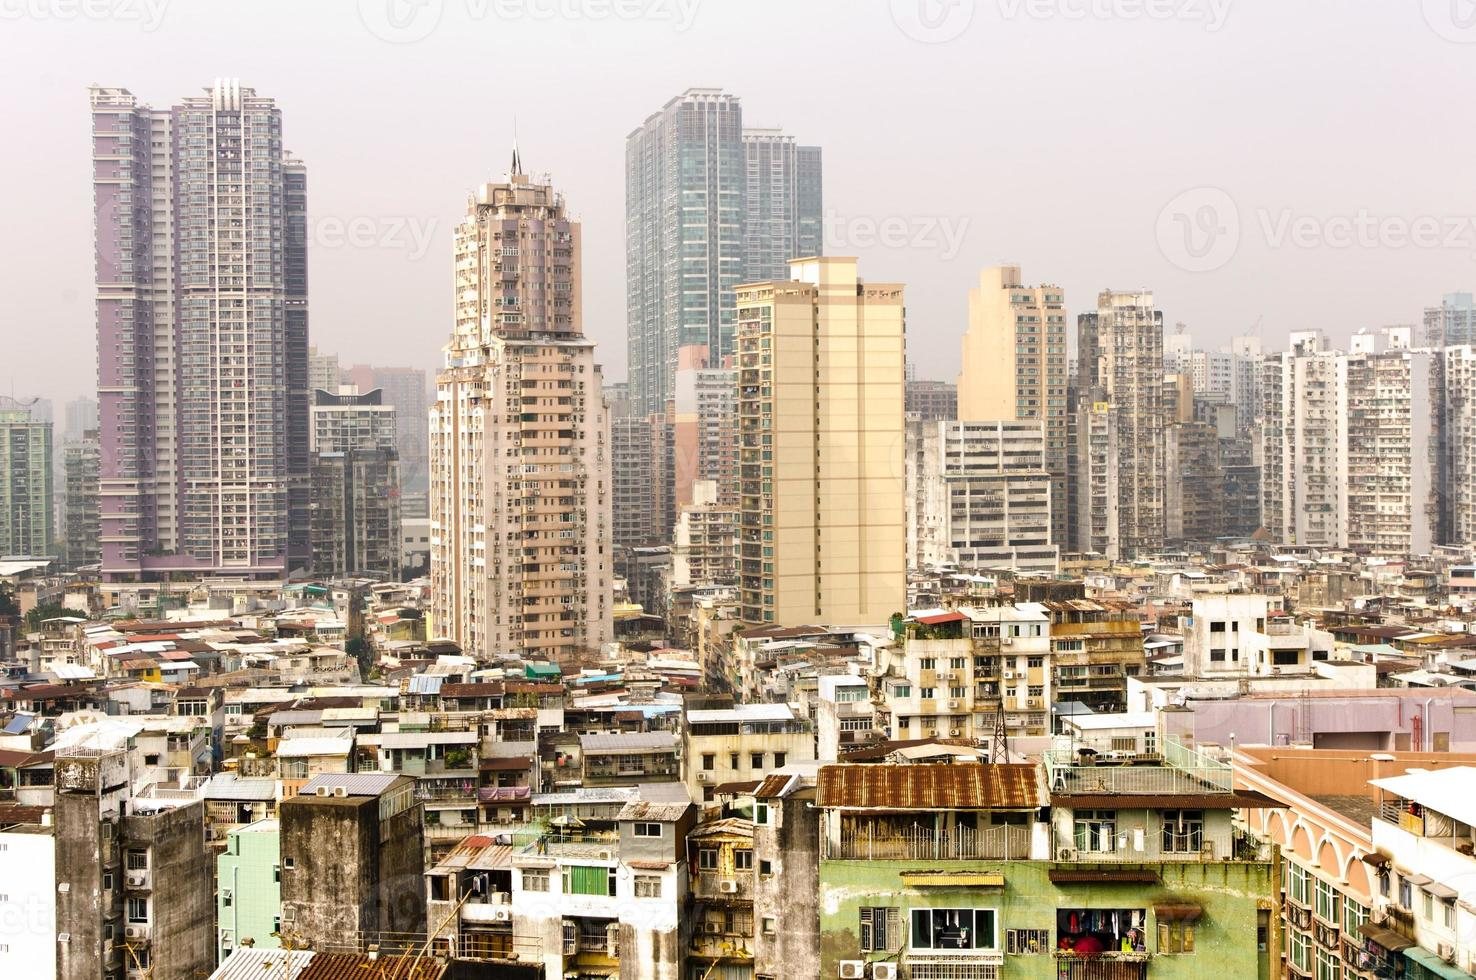 Stadt von Asien. Macau foto